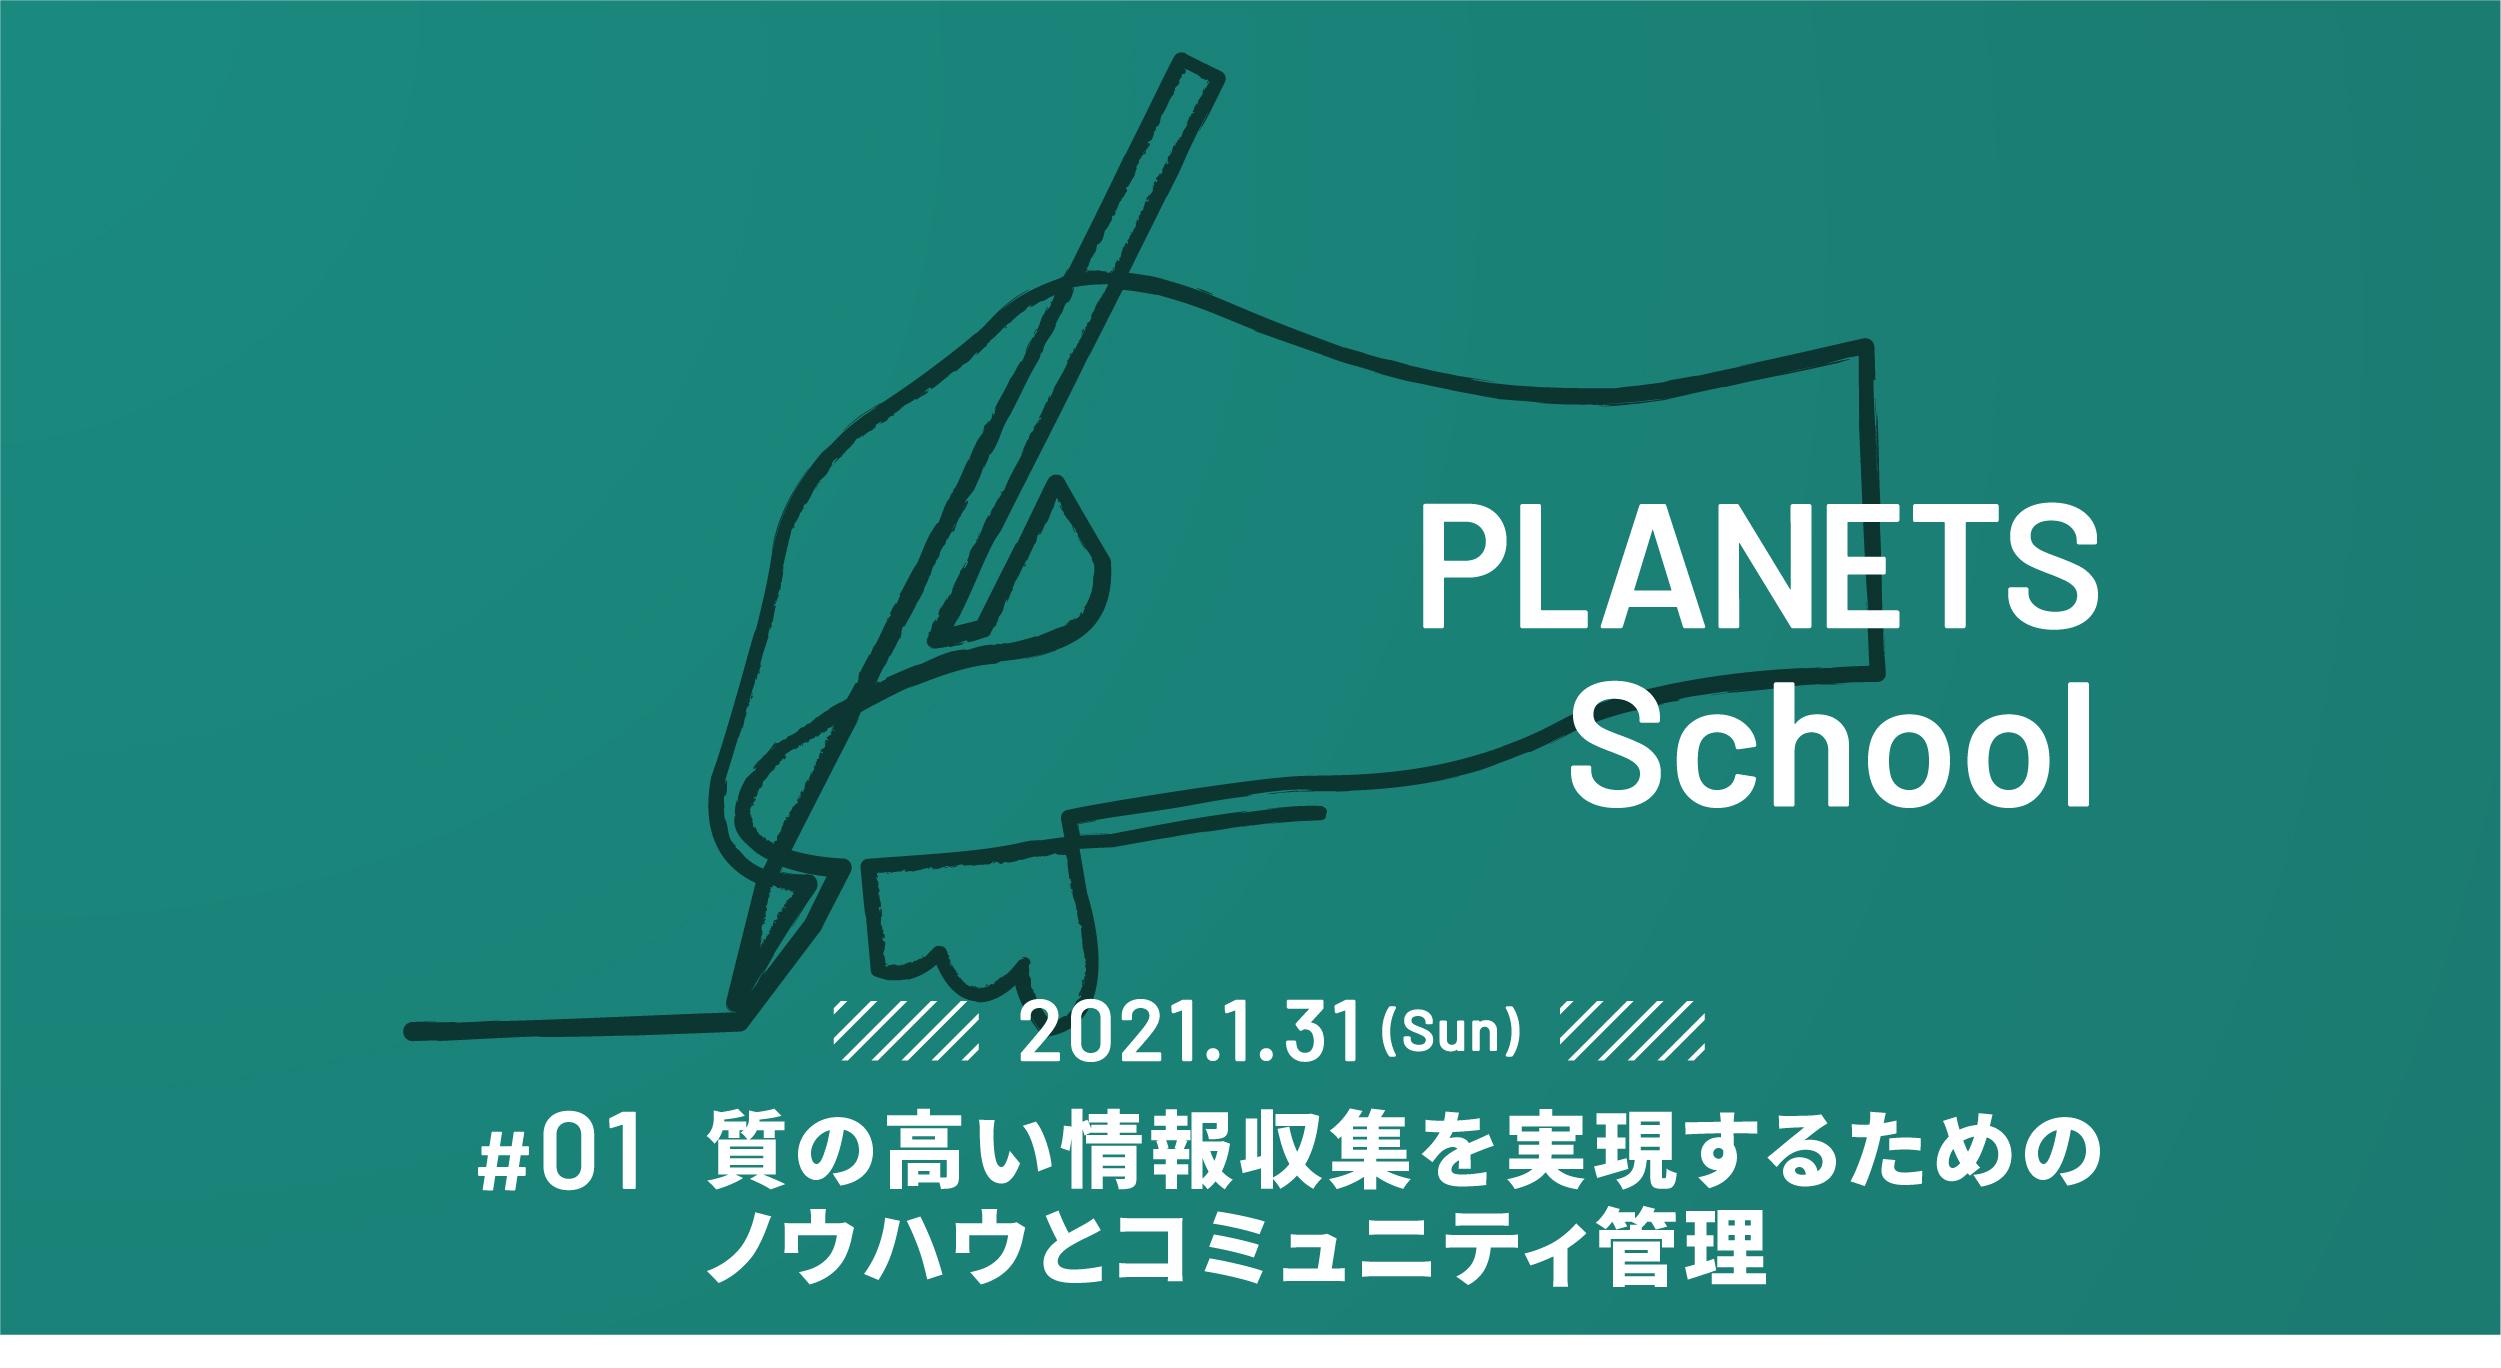 【遅いインターネット会議】PLANETS School 2021 #1